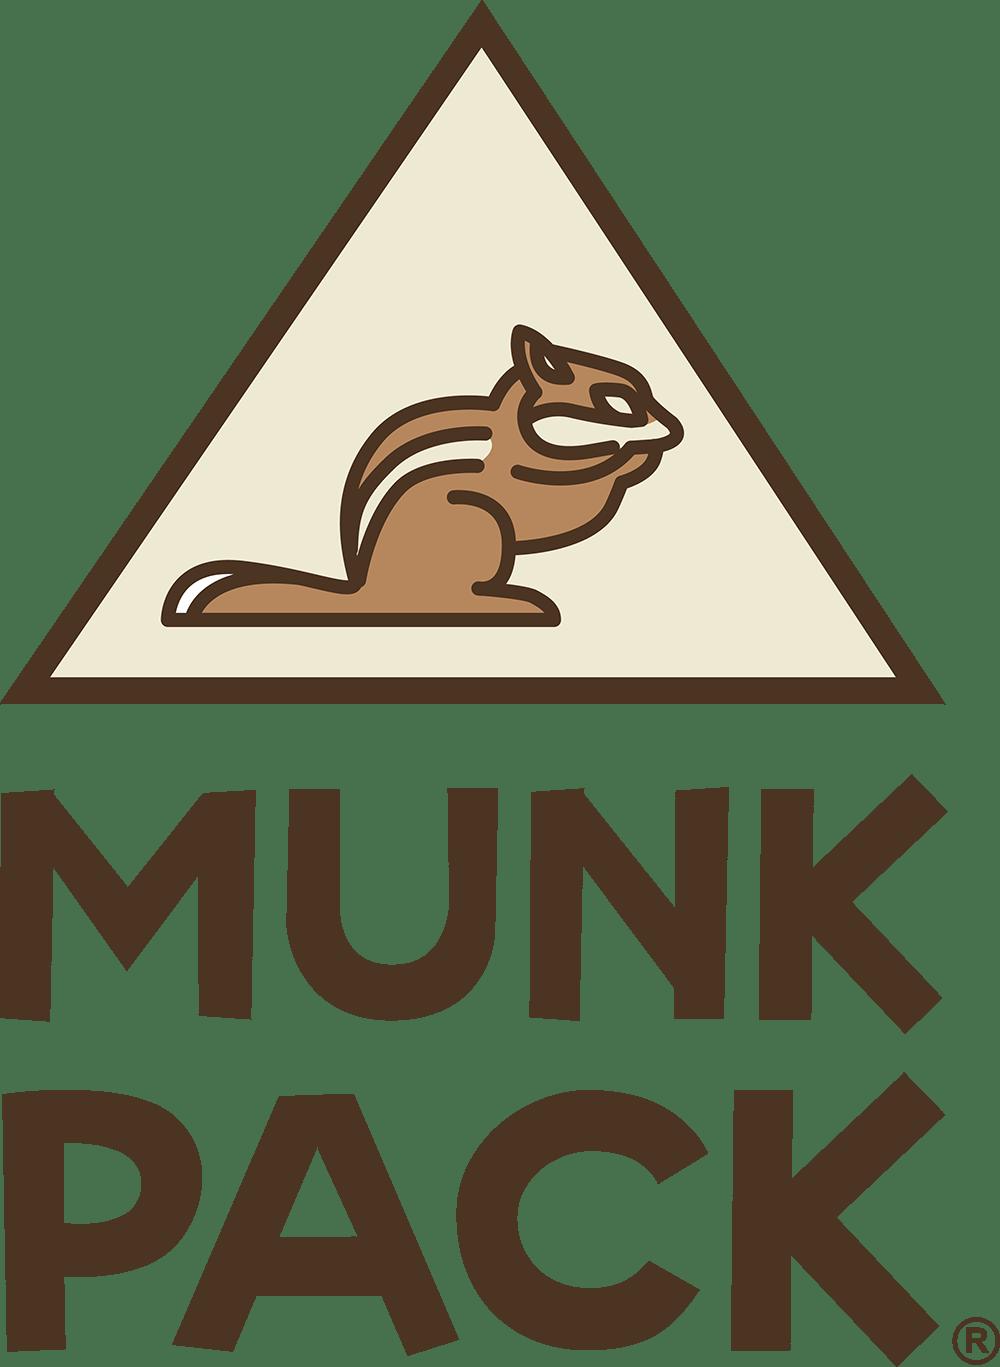 munk pack_logo_web